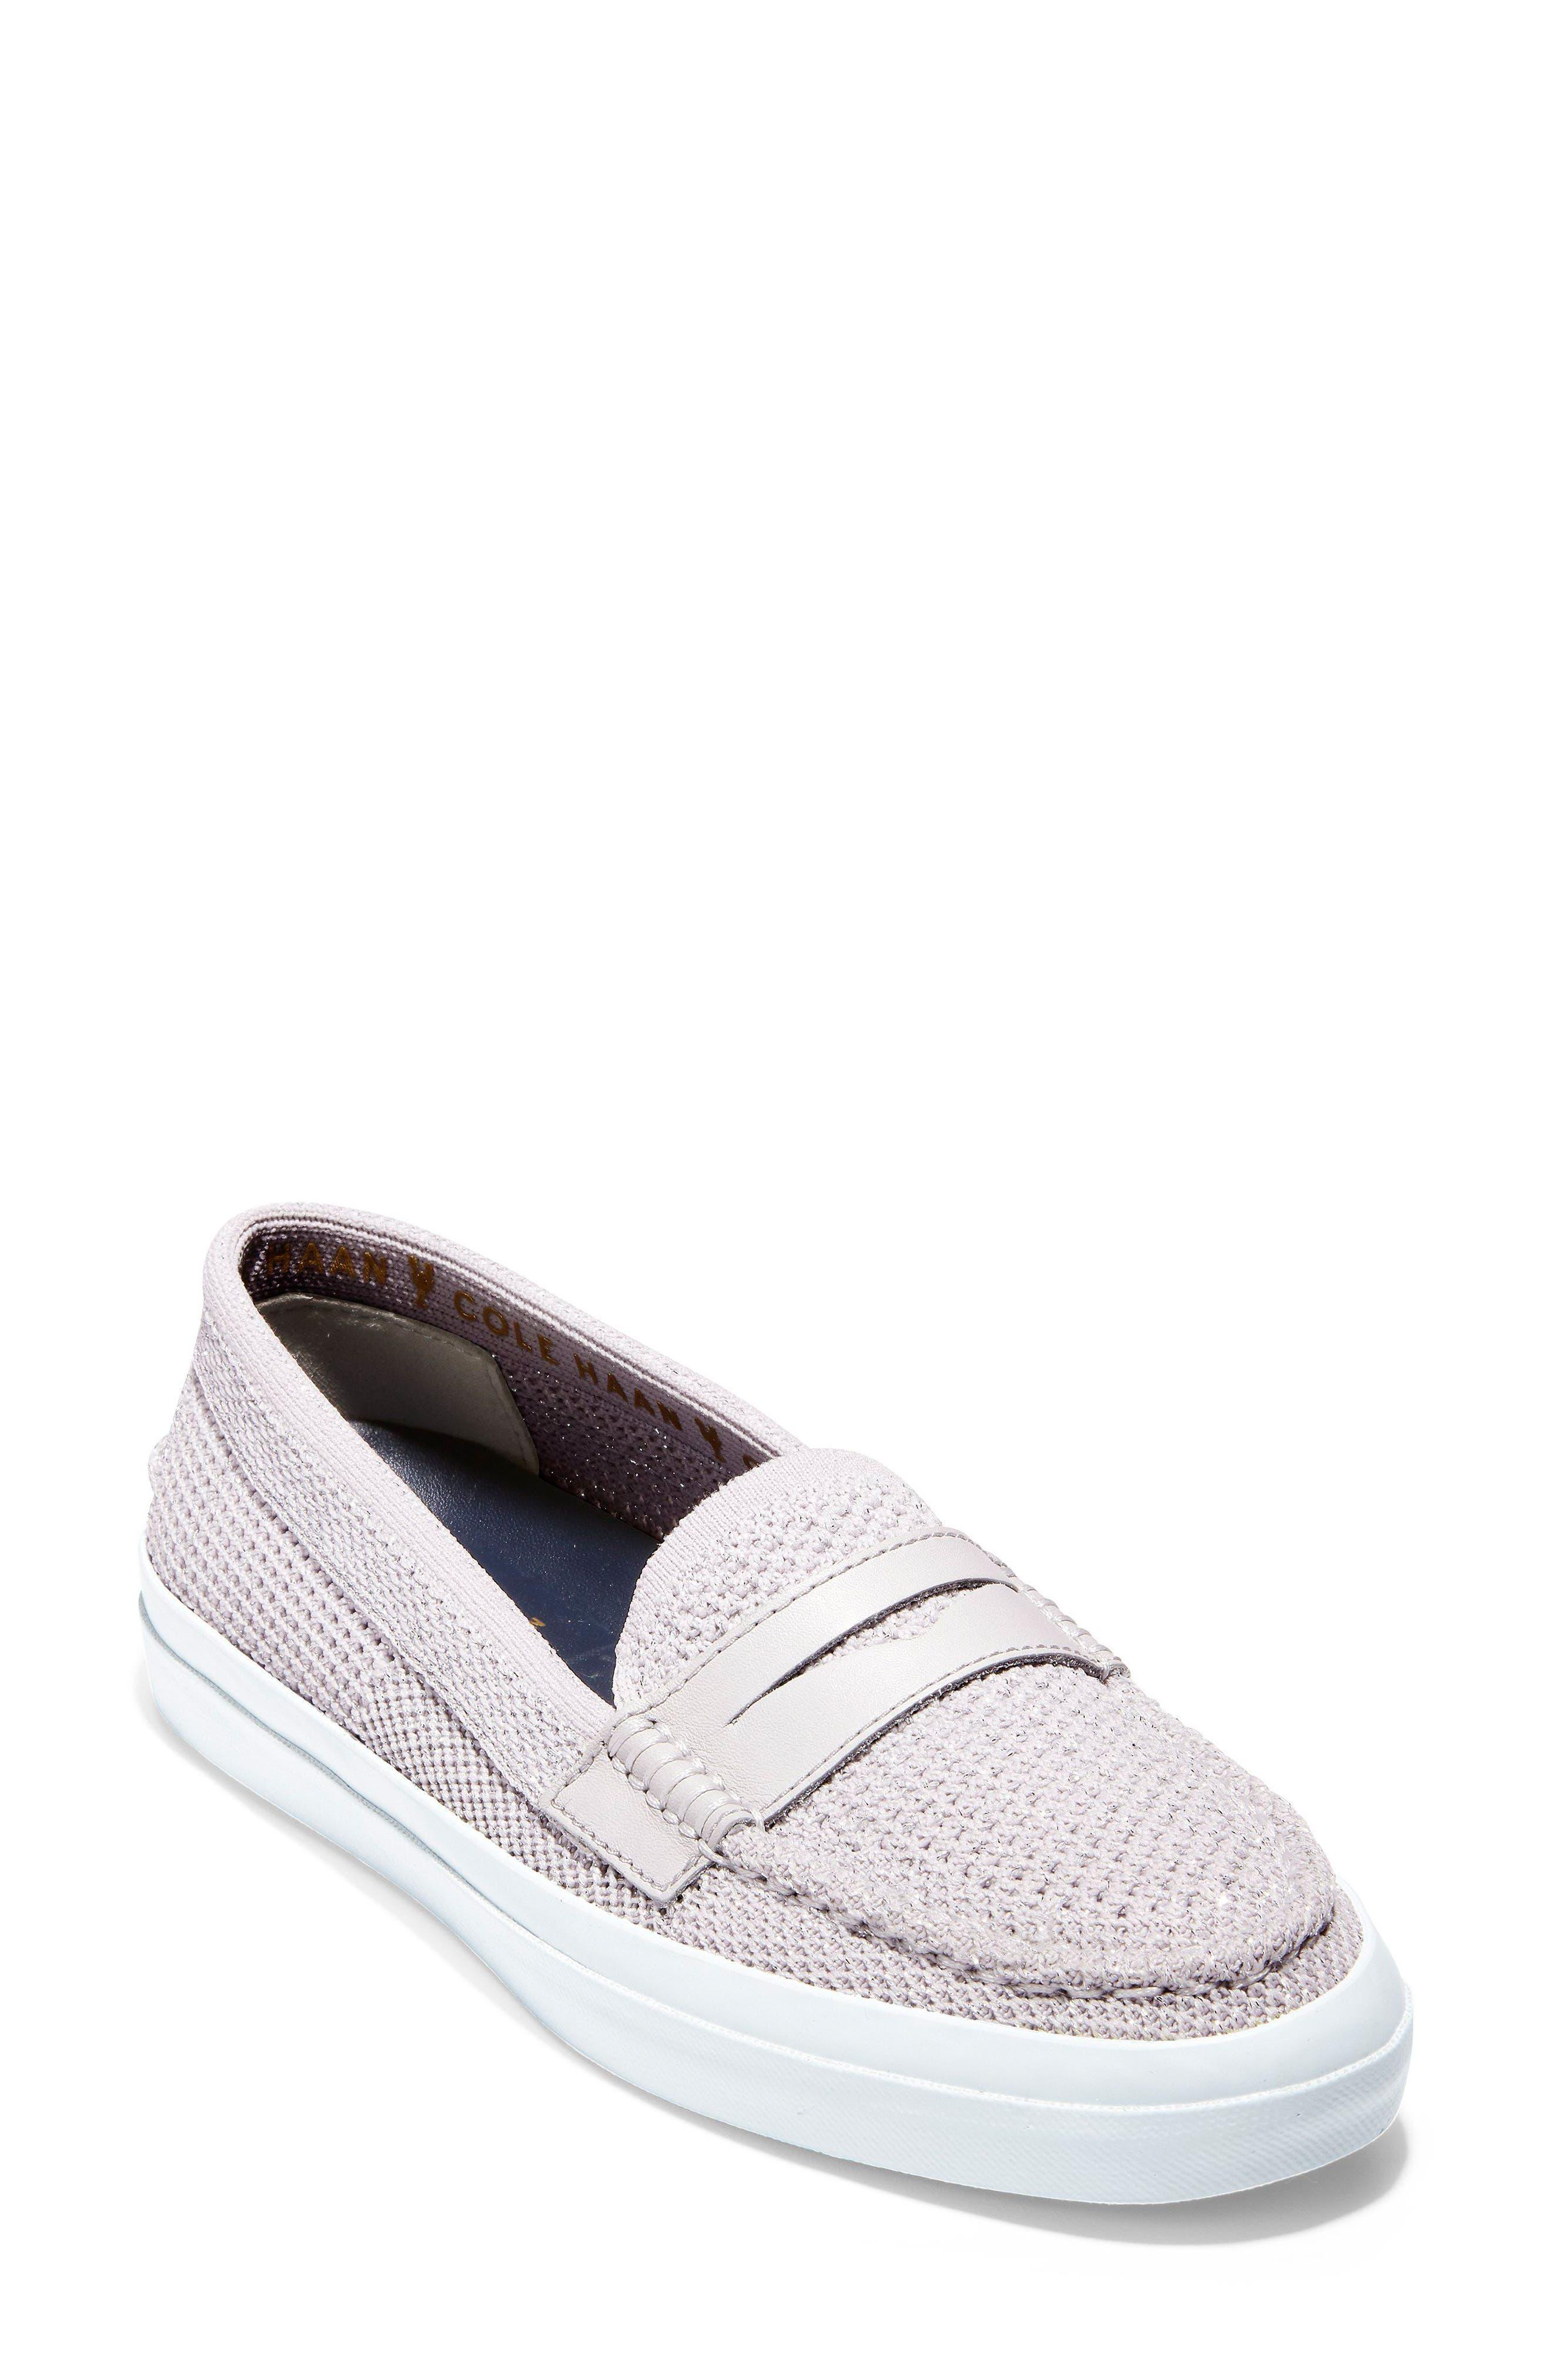 Cole Haan Pinch Stitchlite™ Loafer (Women)